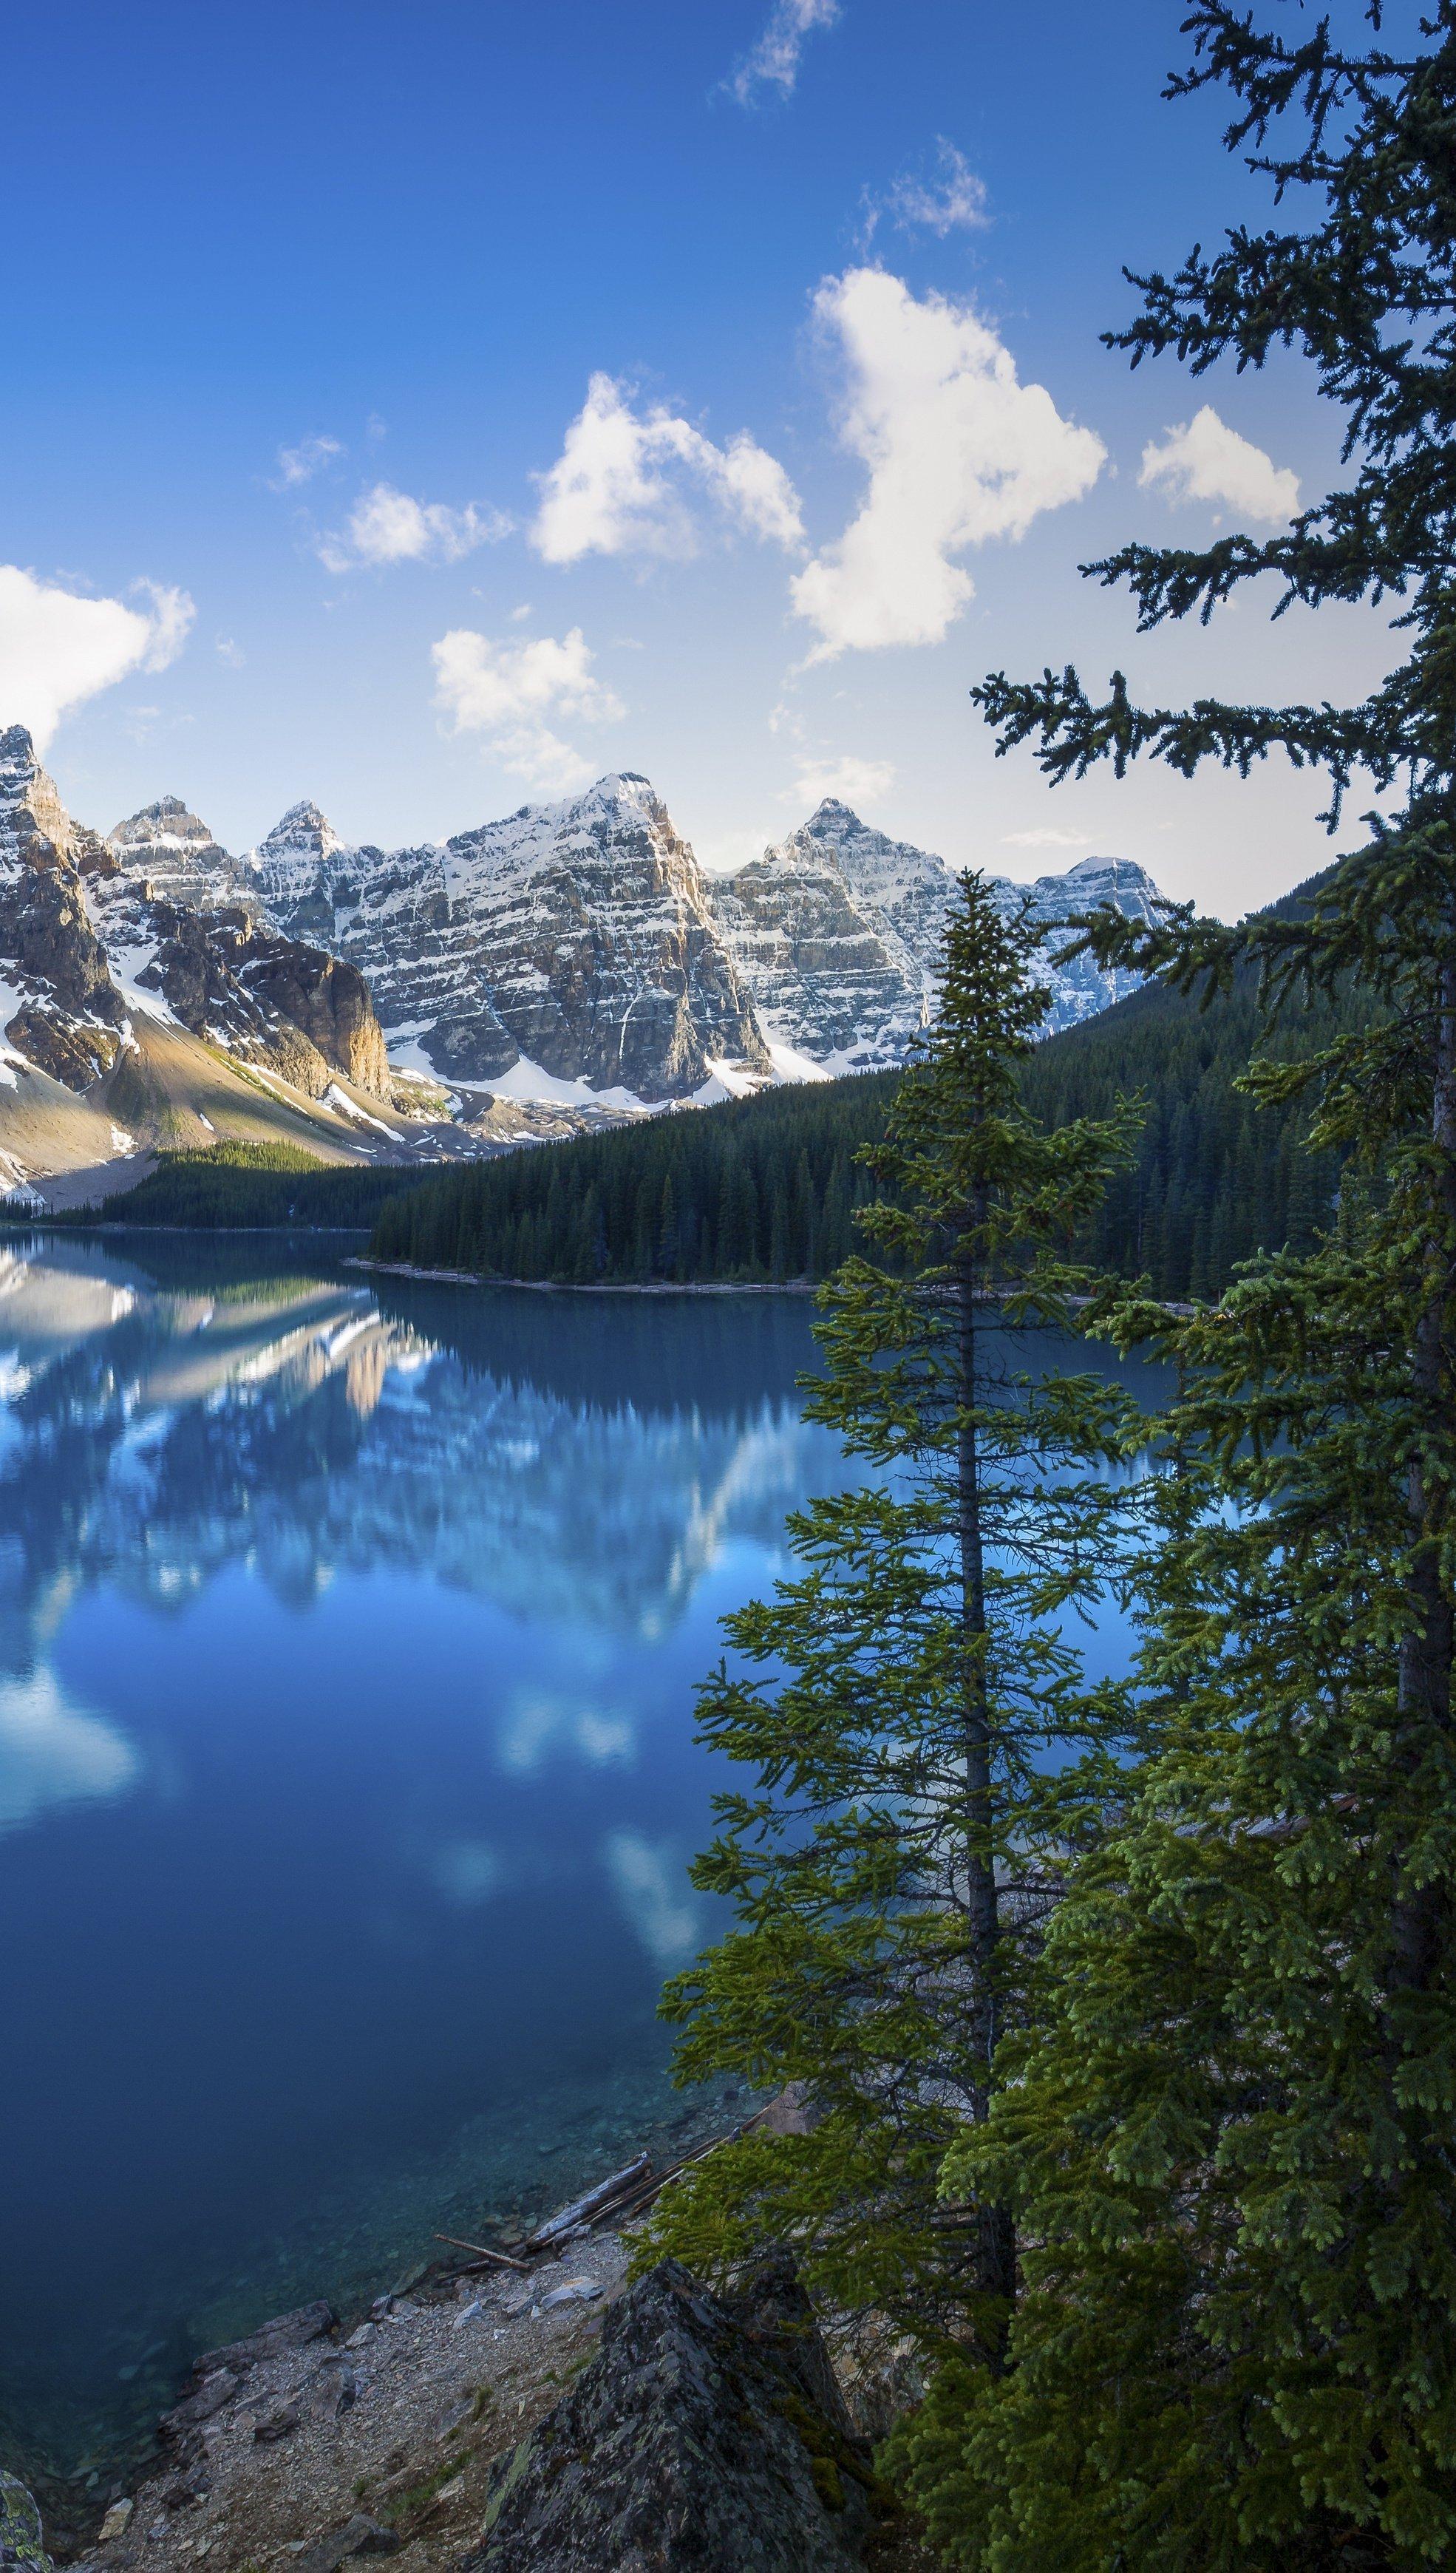 Fondos de pantalla Paisaje de lago en el bosque Alberta, Canada Vertical